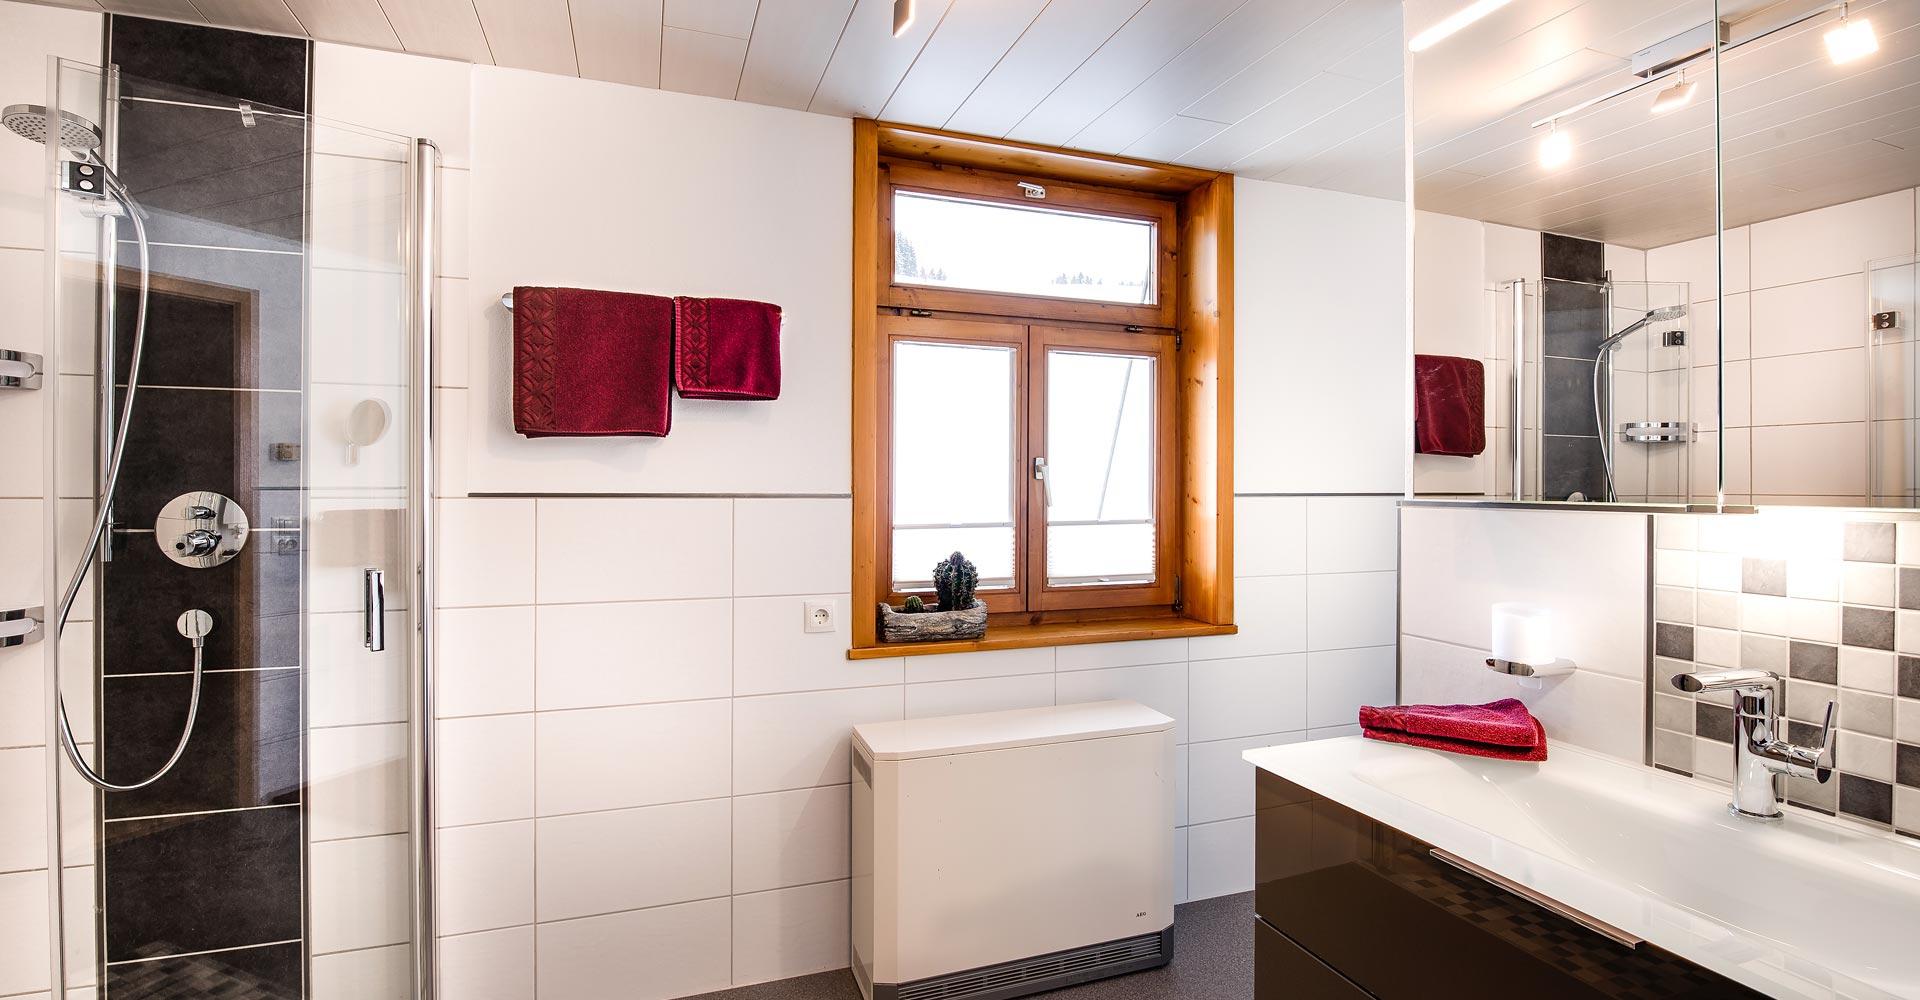 ferienwohnung-gebhardshoehe-rettenberg-goehl-badezimmer1FBFB03FB-9331-2943-FF86-EF4E5175D91A.jpg